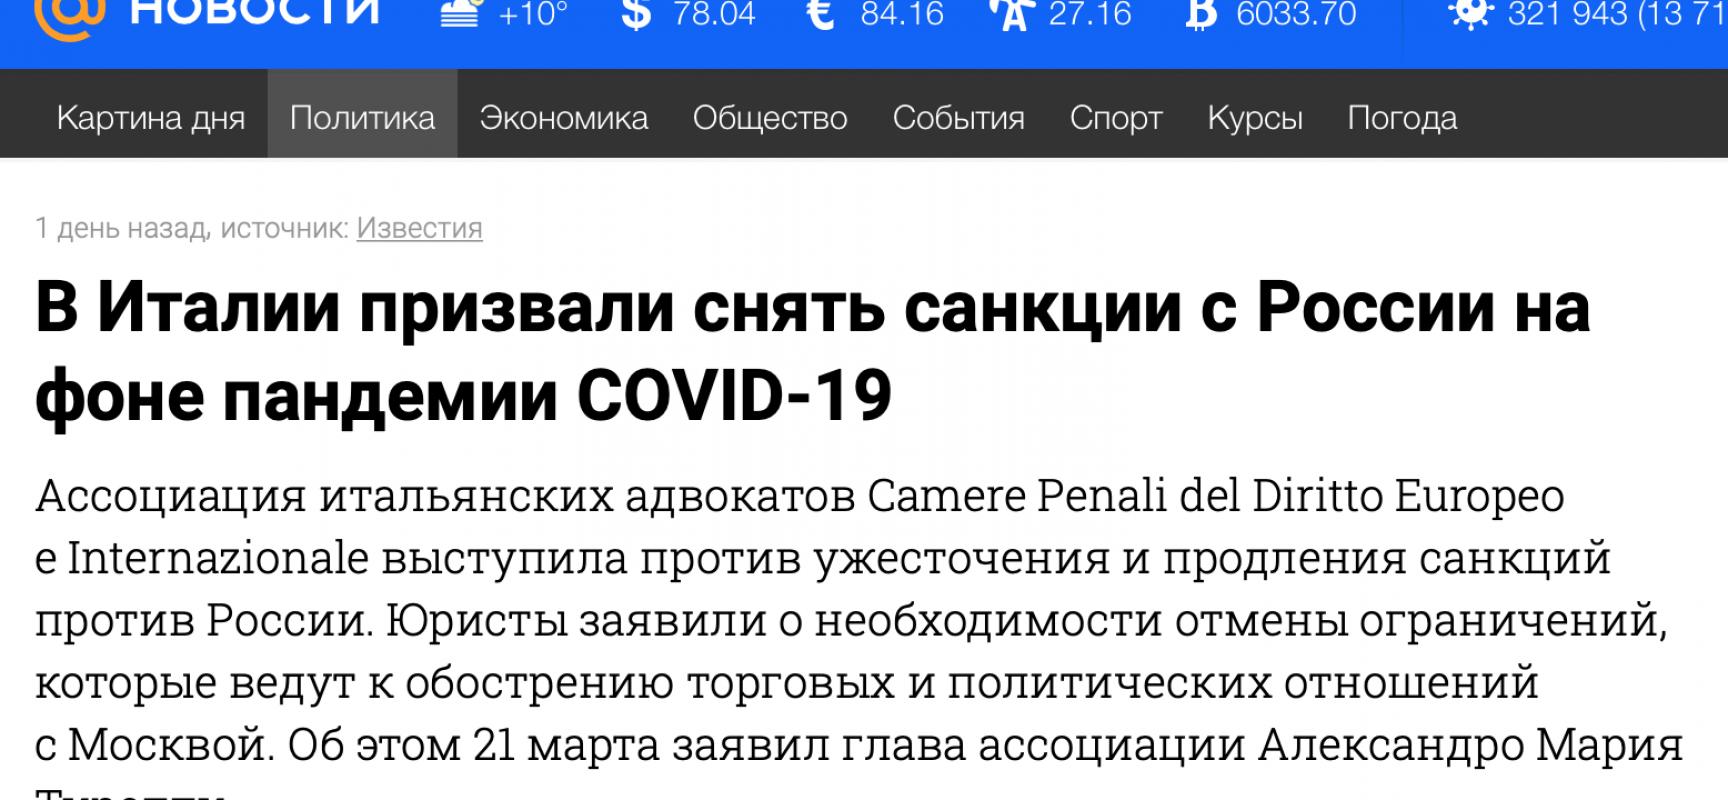 La Russia si affida all'avvocato Tirelli per la revoca delle sanzioni